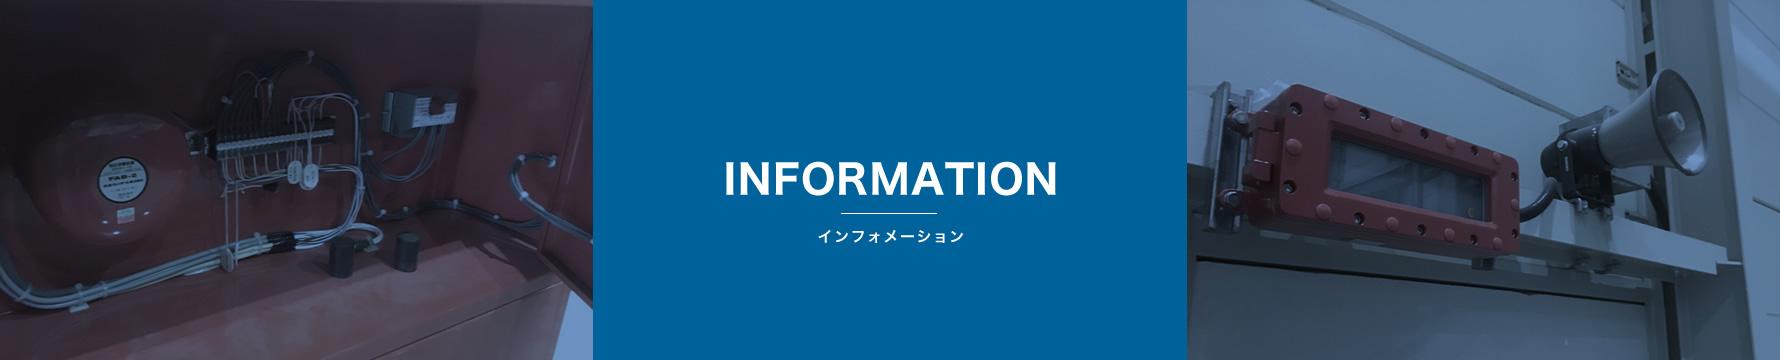 INFORMATION インフォメーション